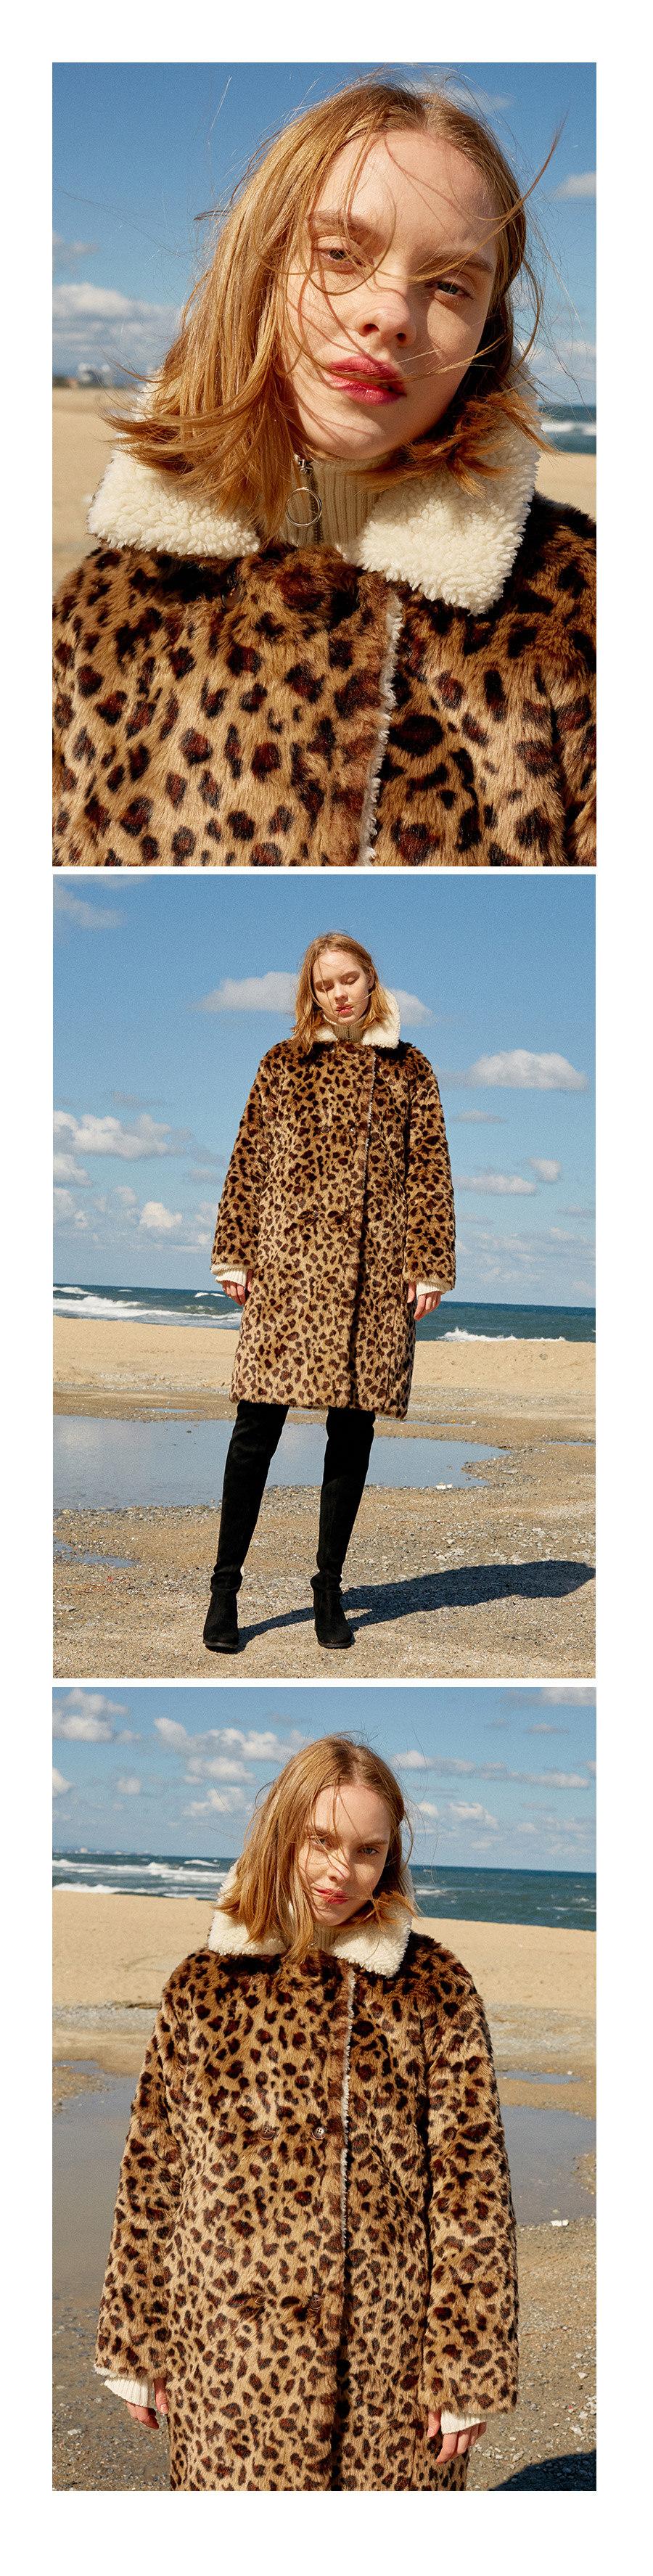 레이브(RAIVE) Leopard Faux Fur Coat (Brown)_VW8WH0100